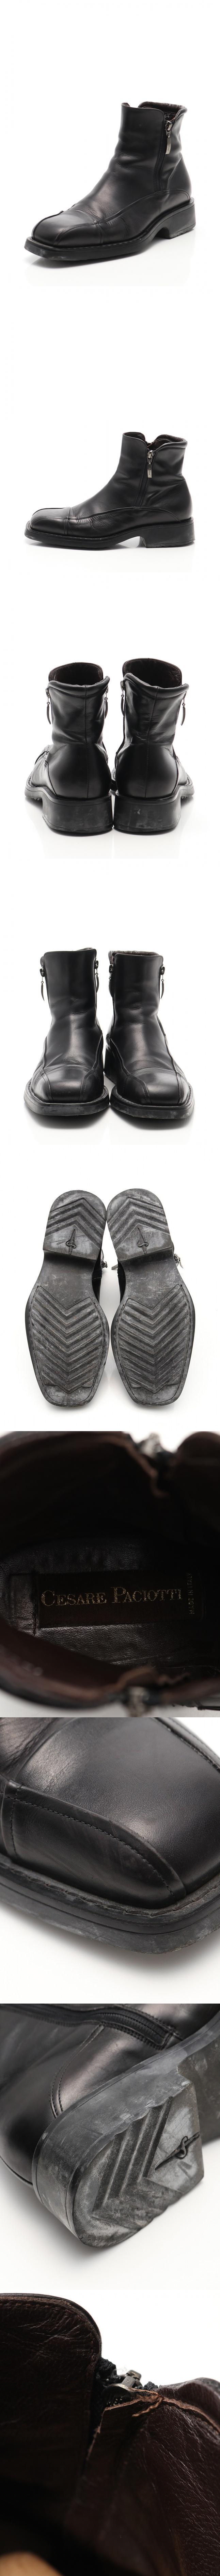 ショートブーツ 黒 6.5 シューズ 25.5cm レザー サイドジップ